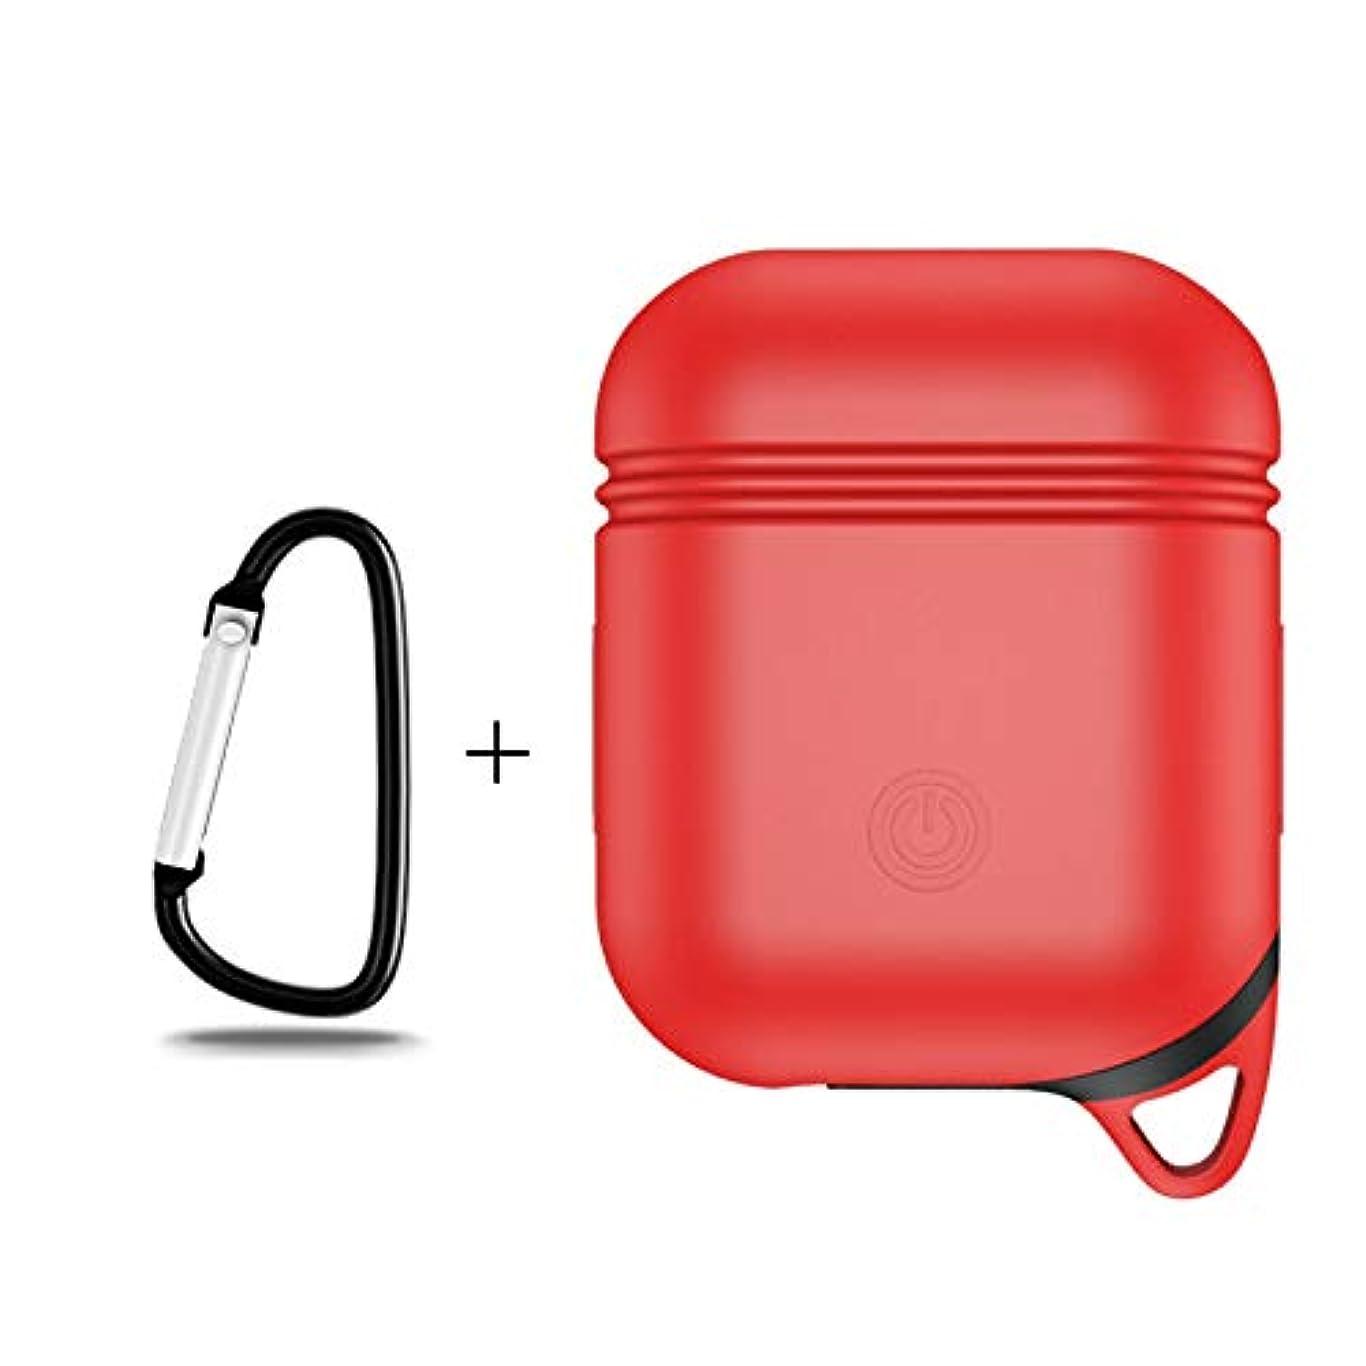 訪問ジュラシックパーク強度AWINNER AirPodsケース カバー シリコン製 収納ケース 保護用 AppleワイヤレスイヤホンAirPod用 黒い… (Red)